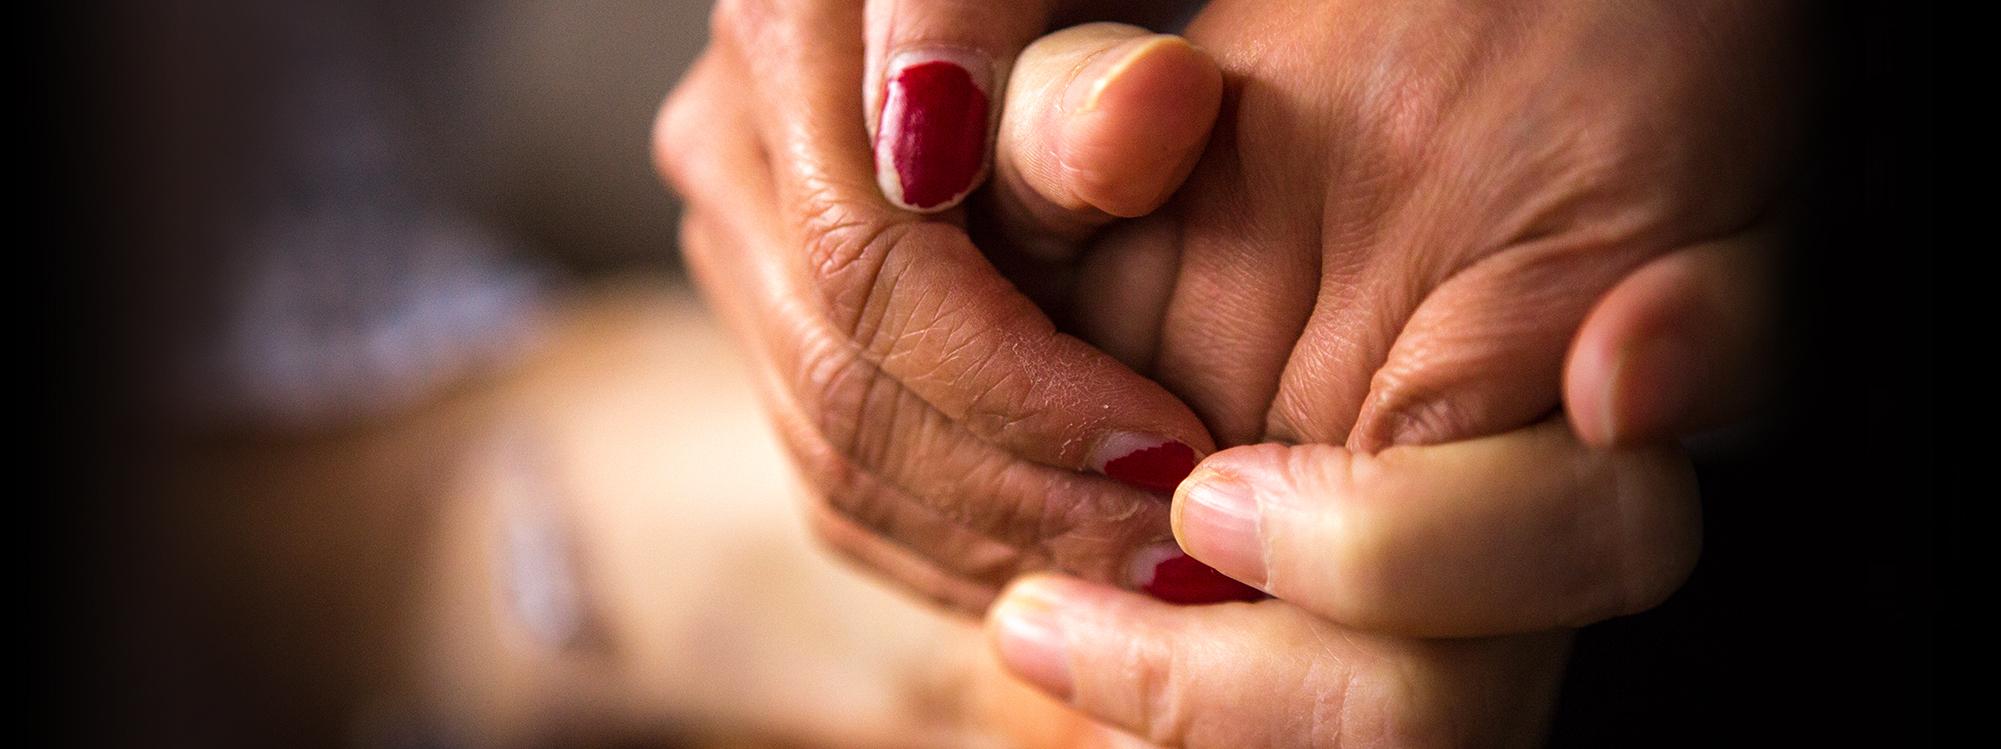 held hands in comforting gesture